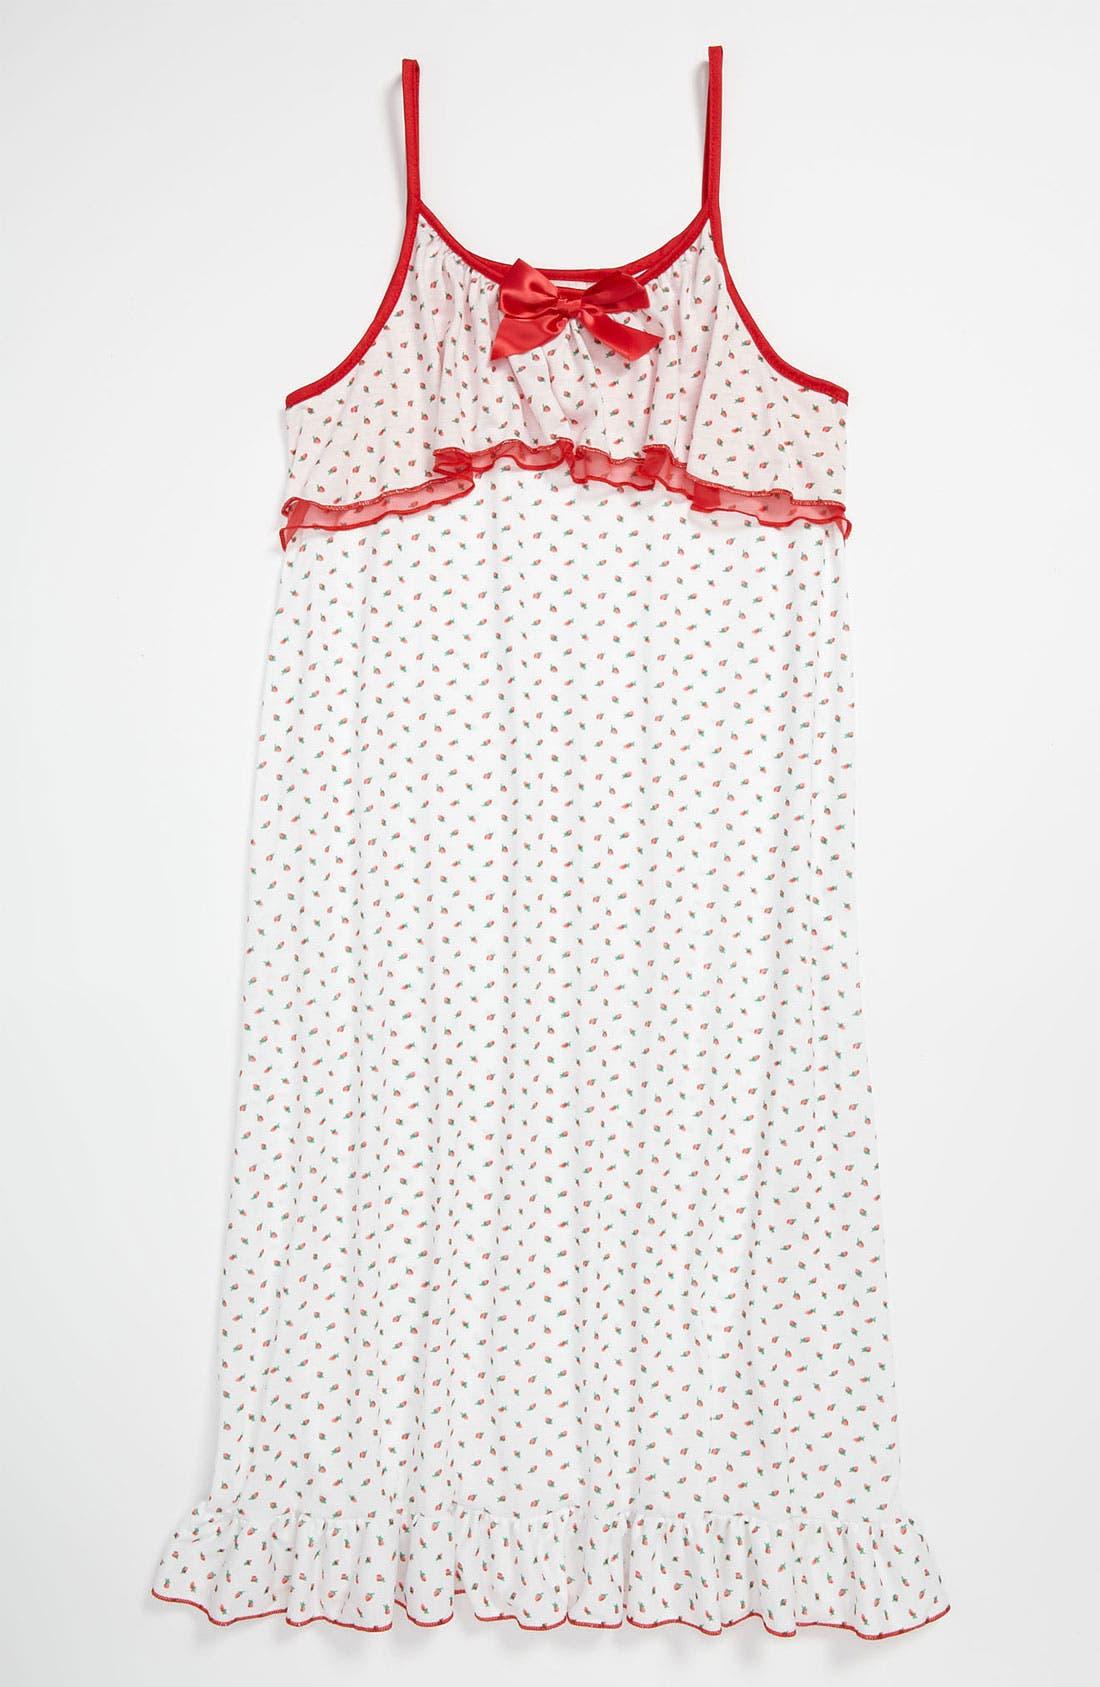 Alternate Image 1 Selected - Laura Dare 'Rosebud' Nightgown (Big Girls)